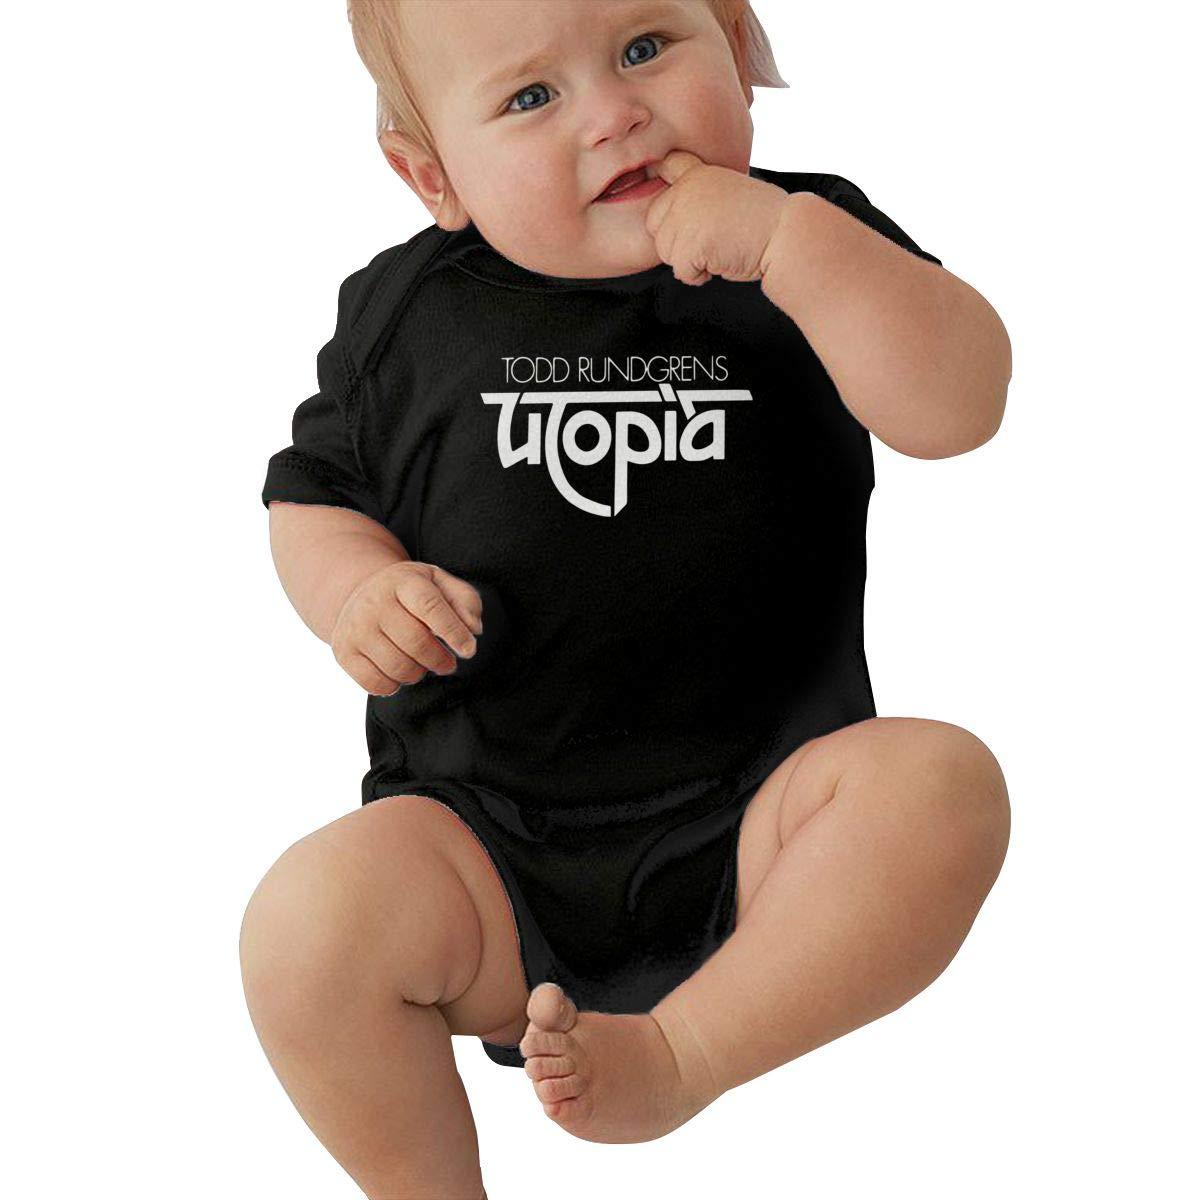 Joseph E Hinton Todd Rundgren Unisex Cute Infant Bodysuit Baby Romper Shirt for 0-24 Months